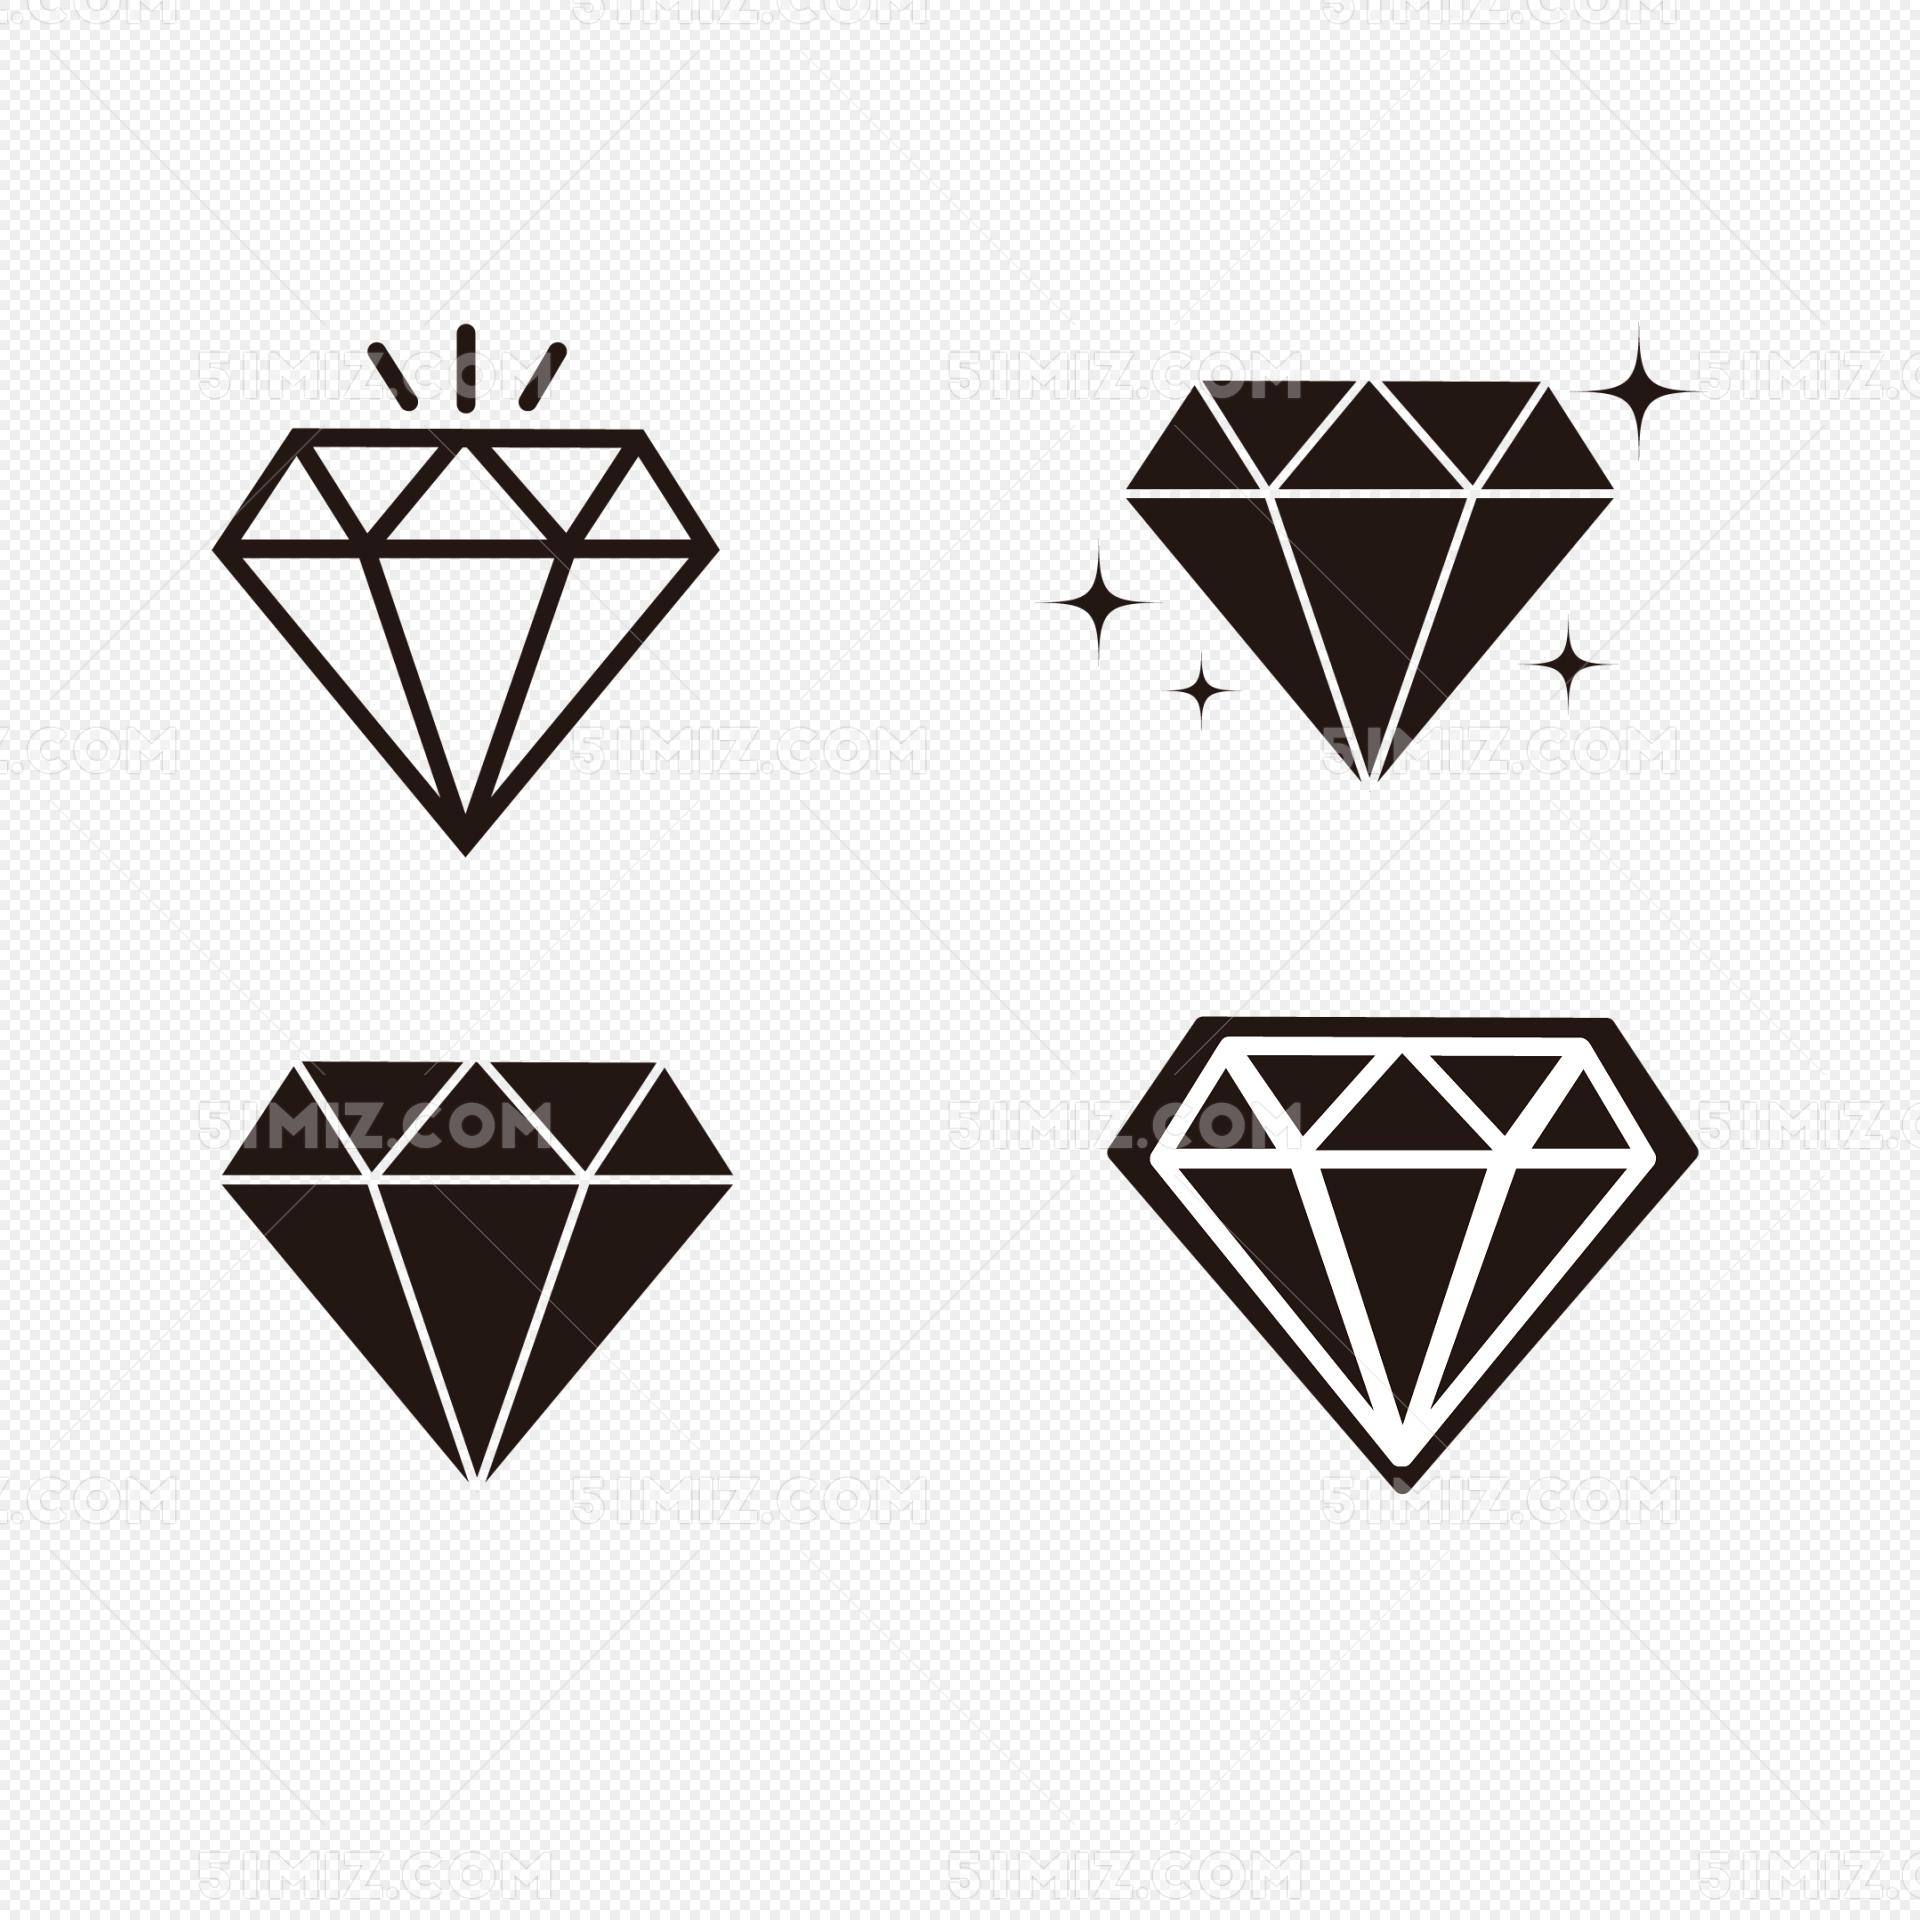 简单线条钻石矢量免费下载_png素材_觅知网